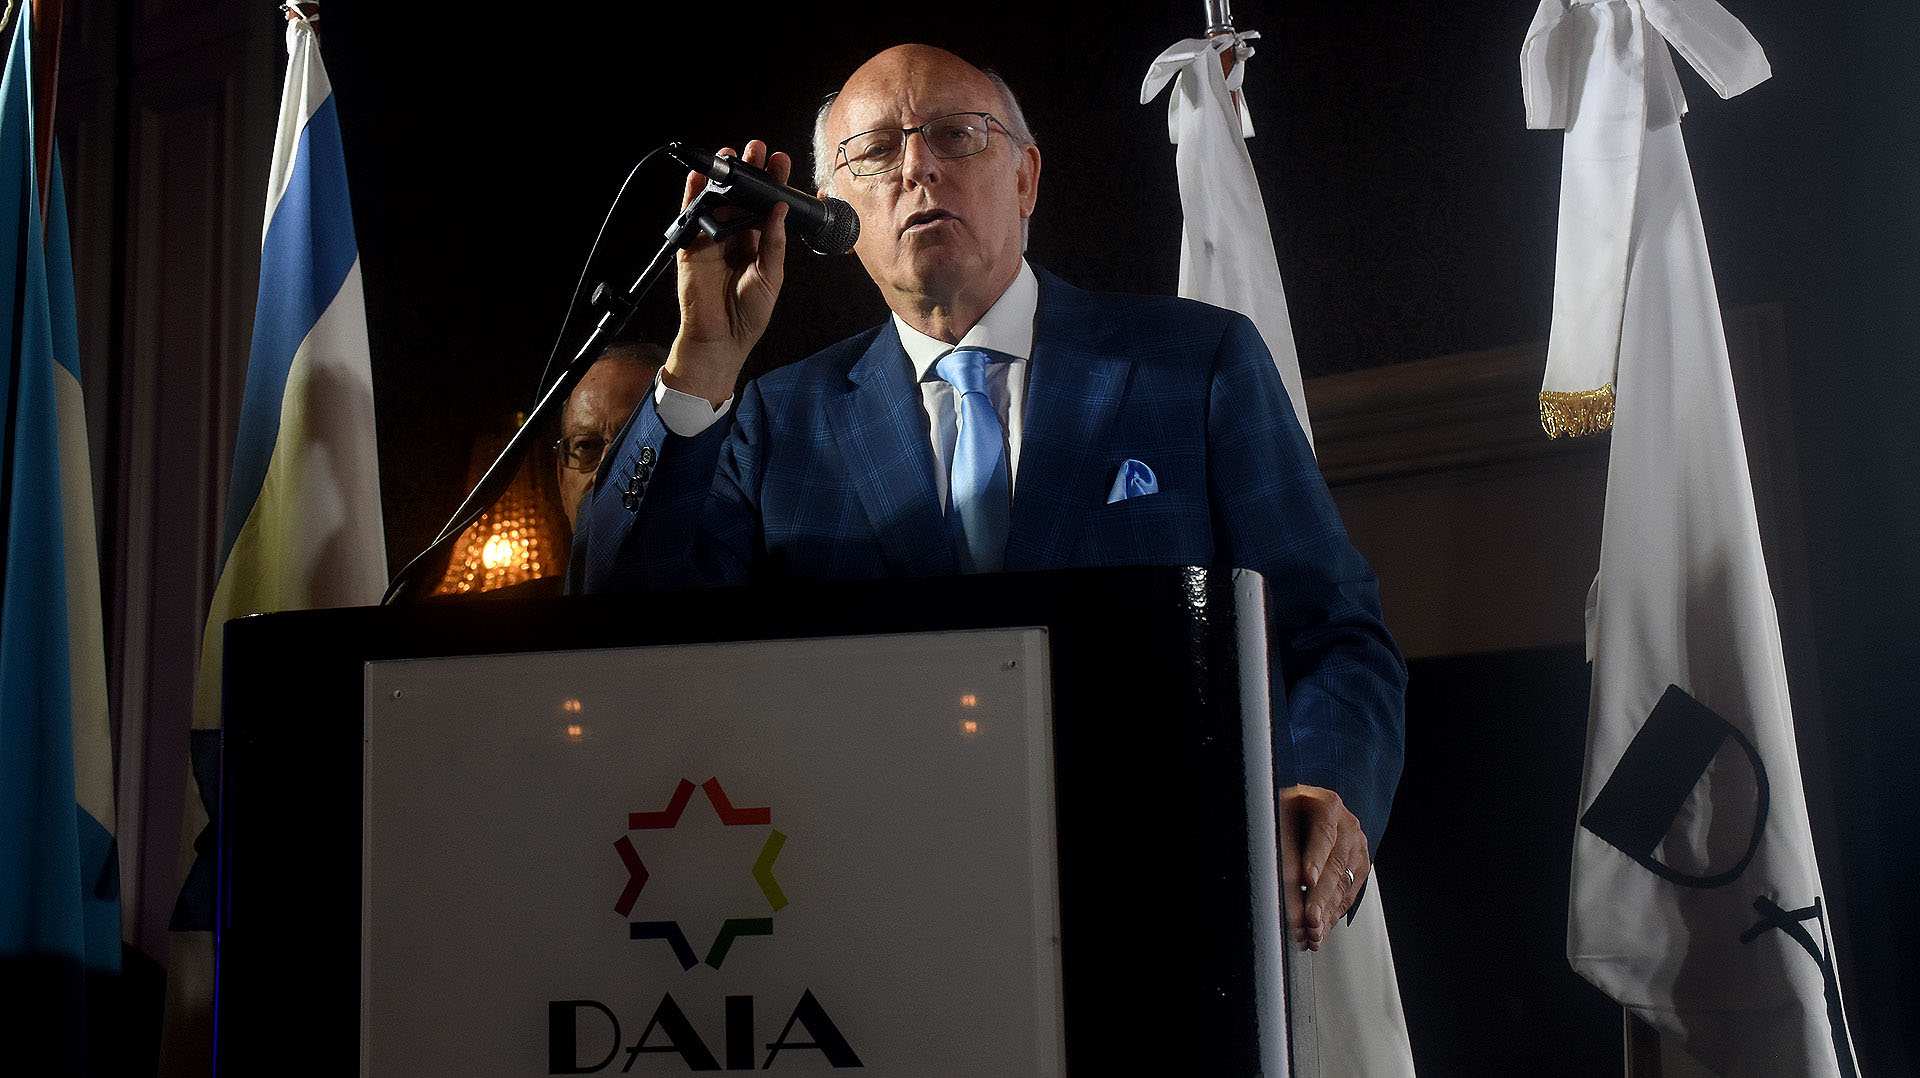 El presidente saliente de la DAIA, Alberto Indij, durante su discurso